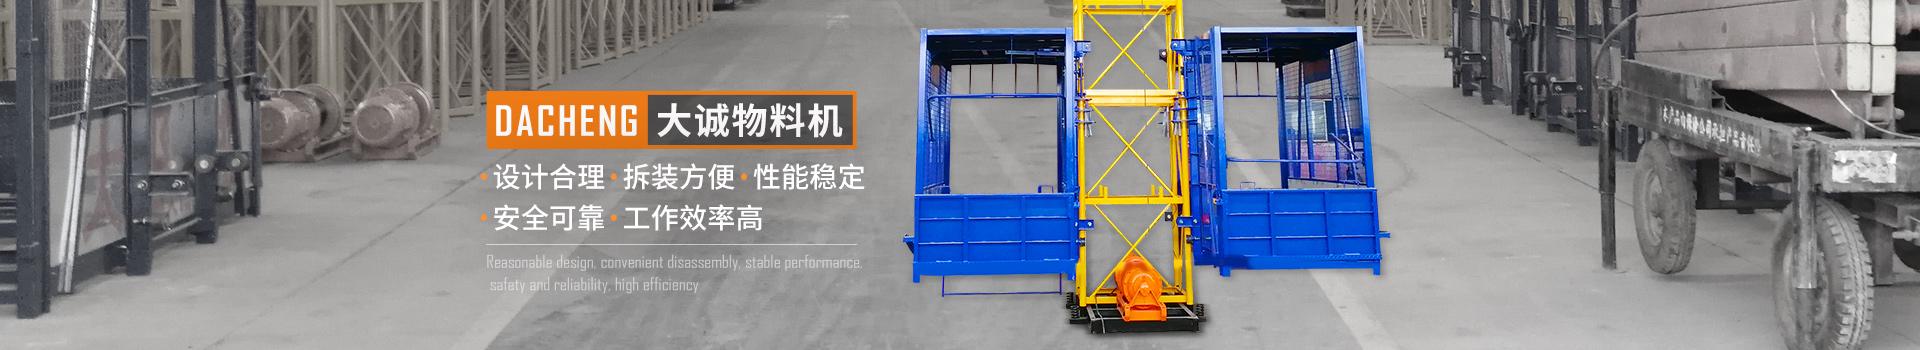 大诚物料机,设计合理,拆装方便,性能稳定,安全可靠,工作效率高